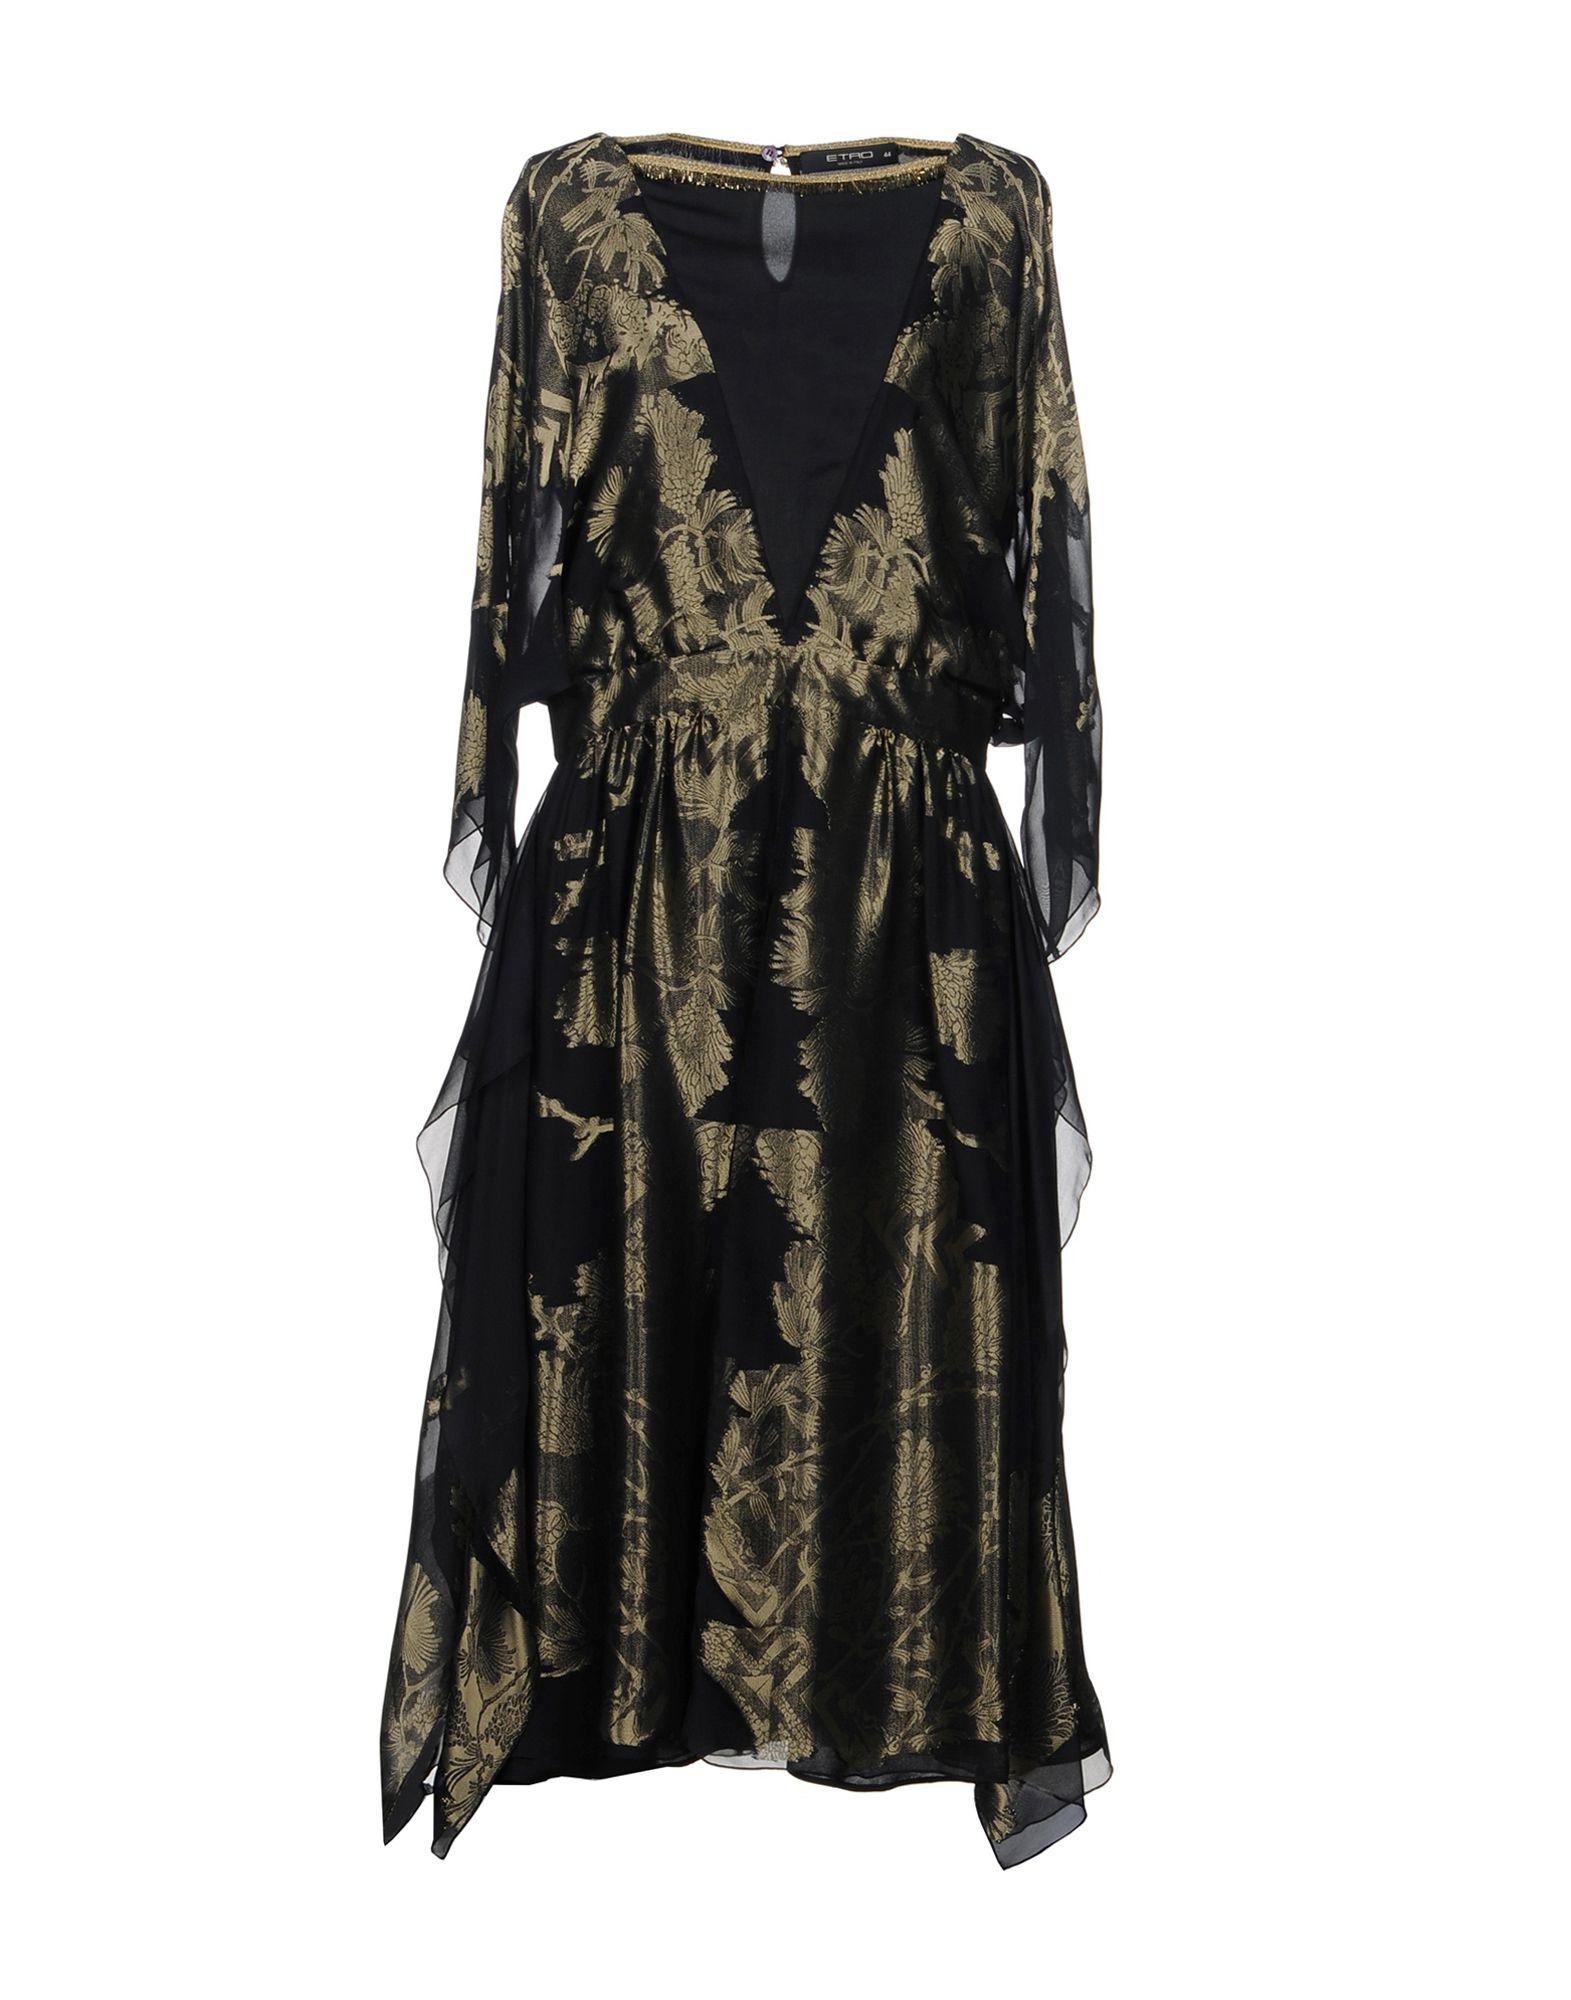 ETRO Платье длиной 3/4 bobi платье длиной 3 4